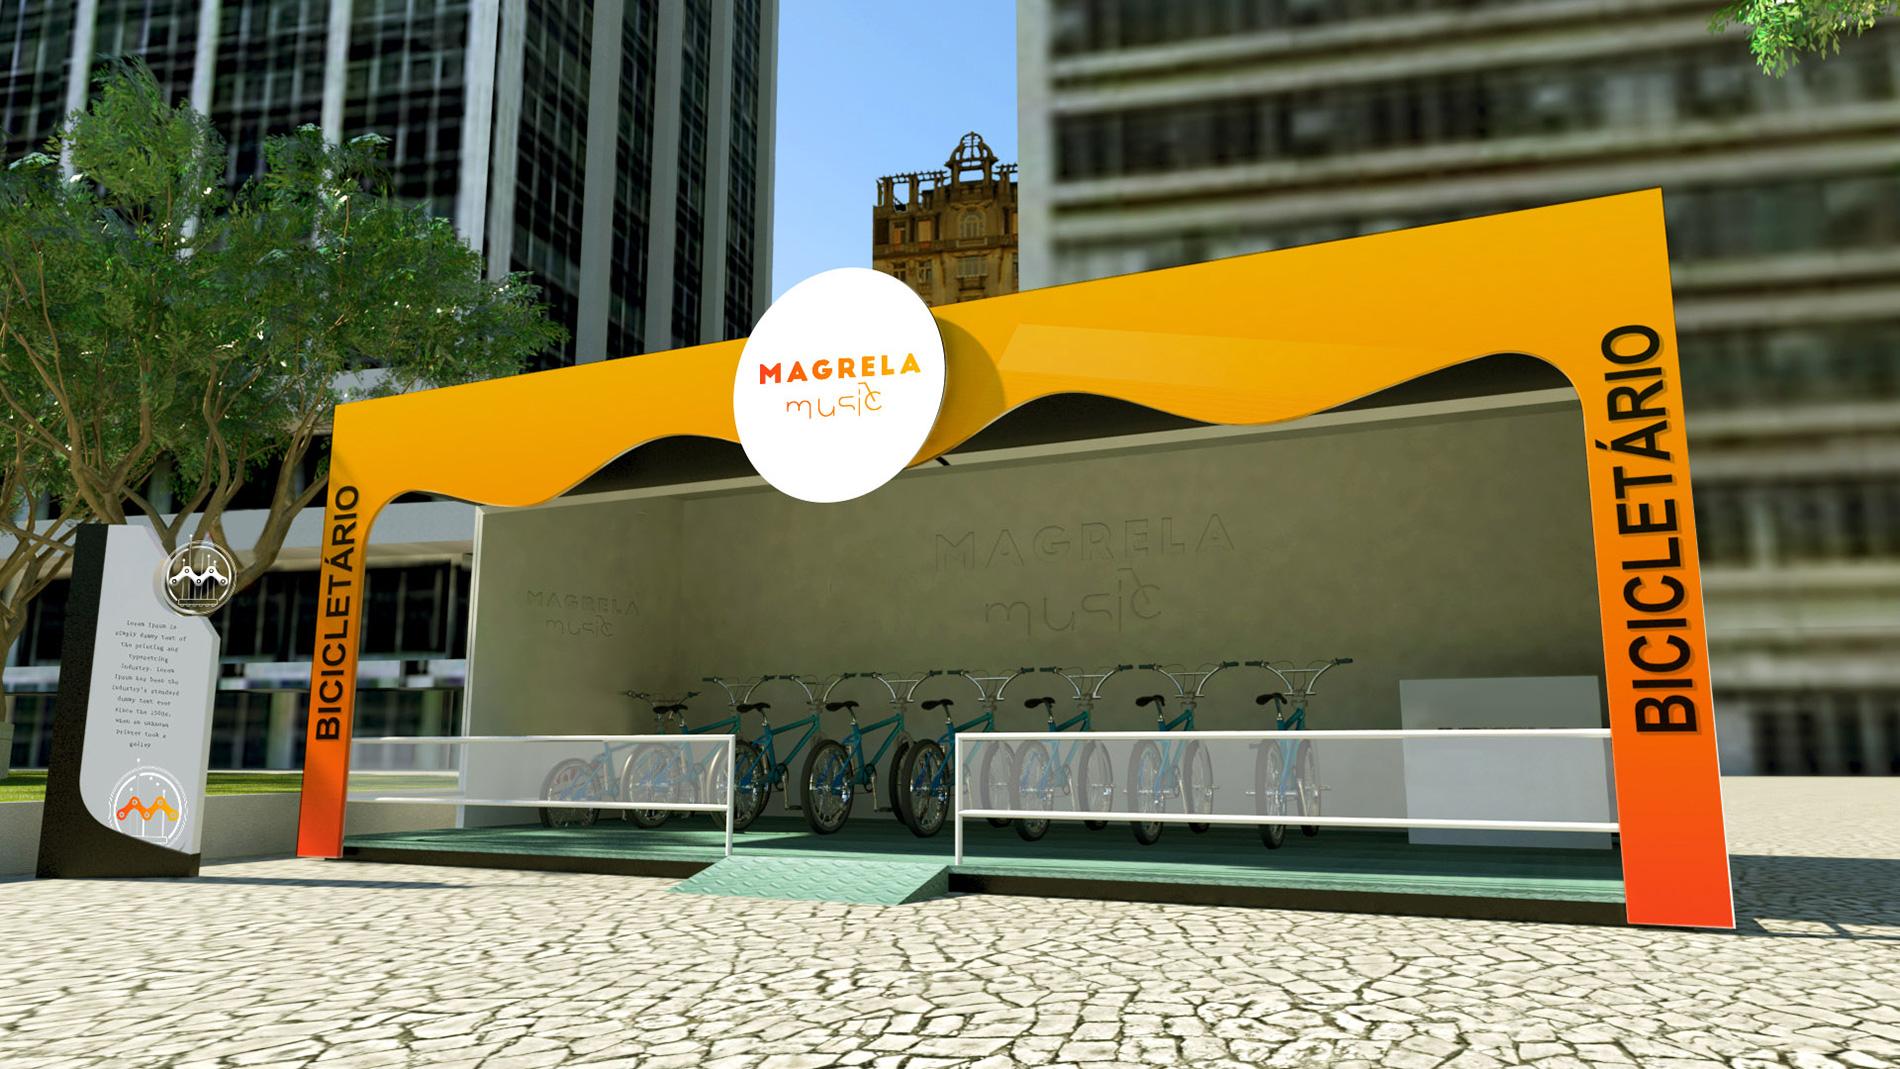 magrela_muisic_0009.jpg